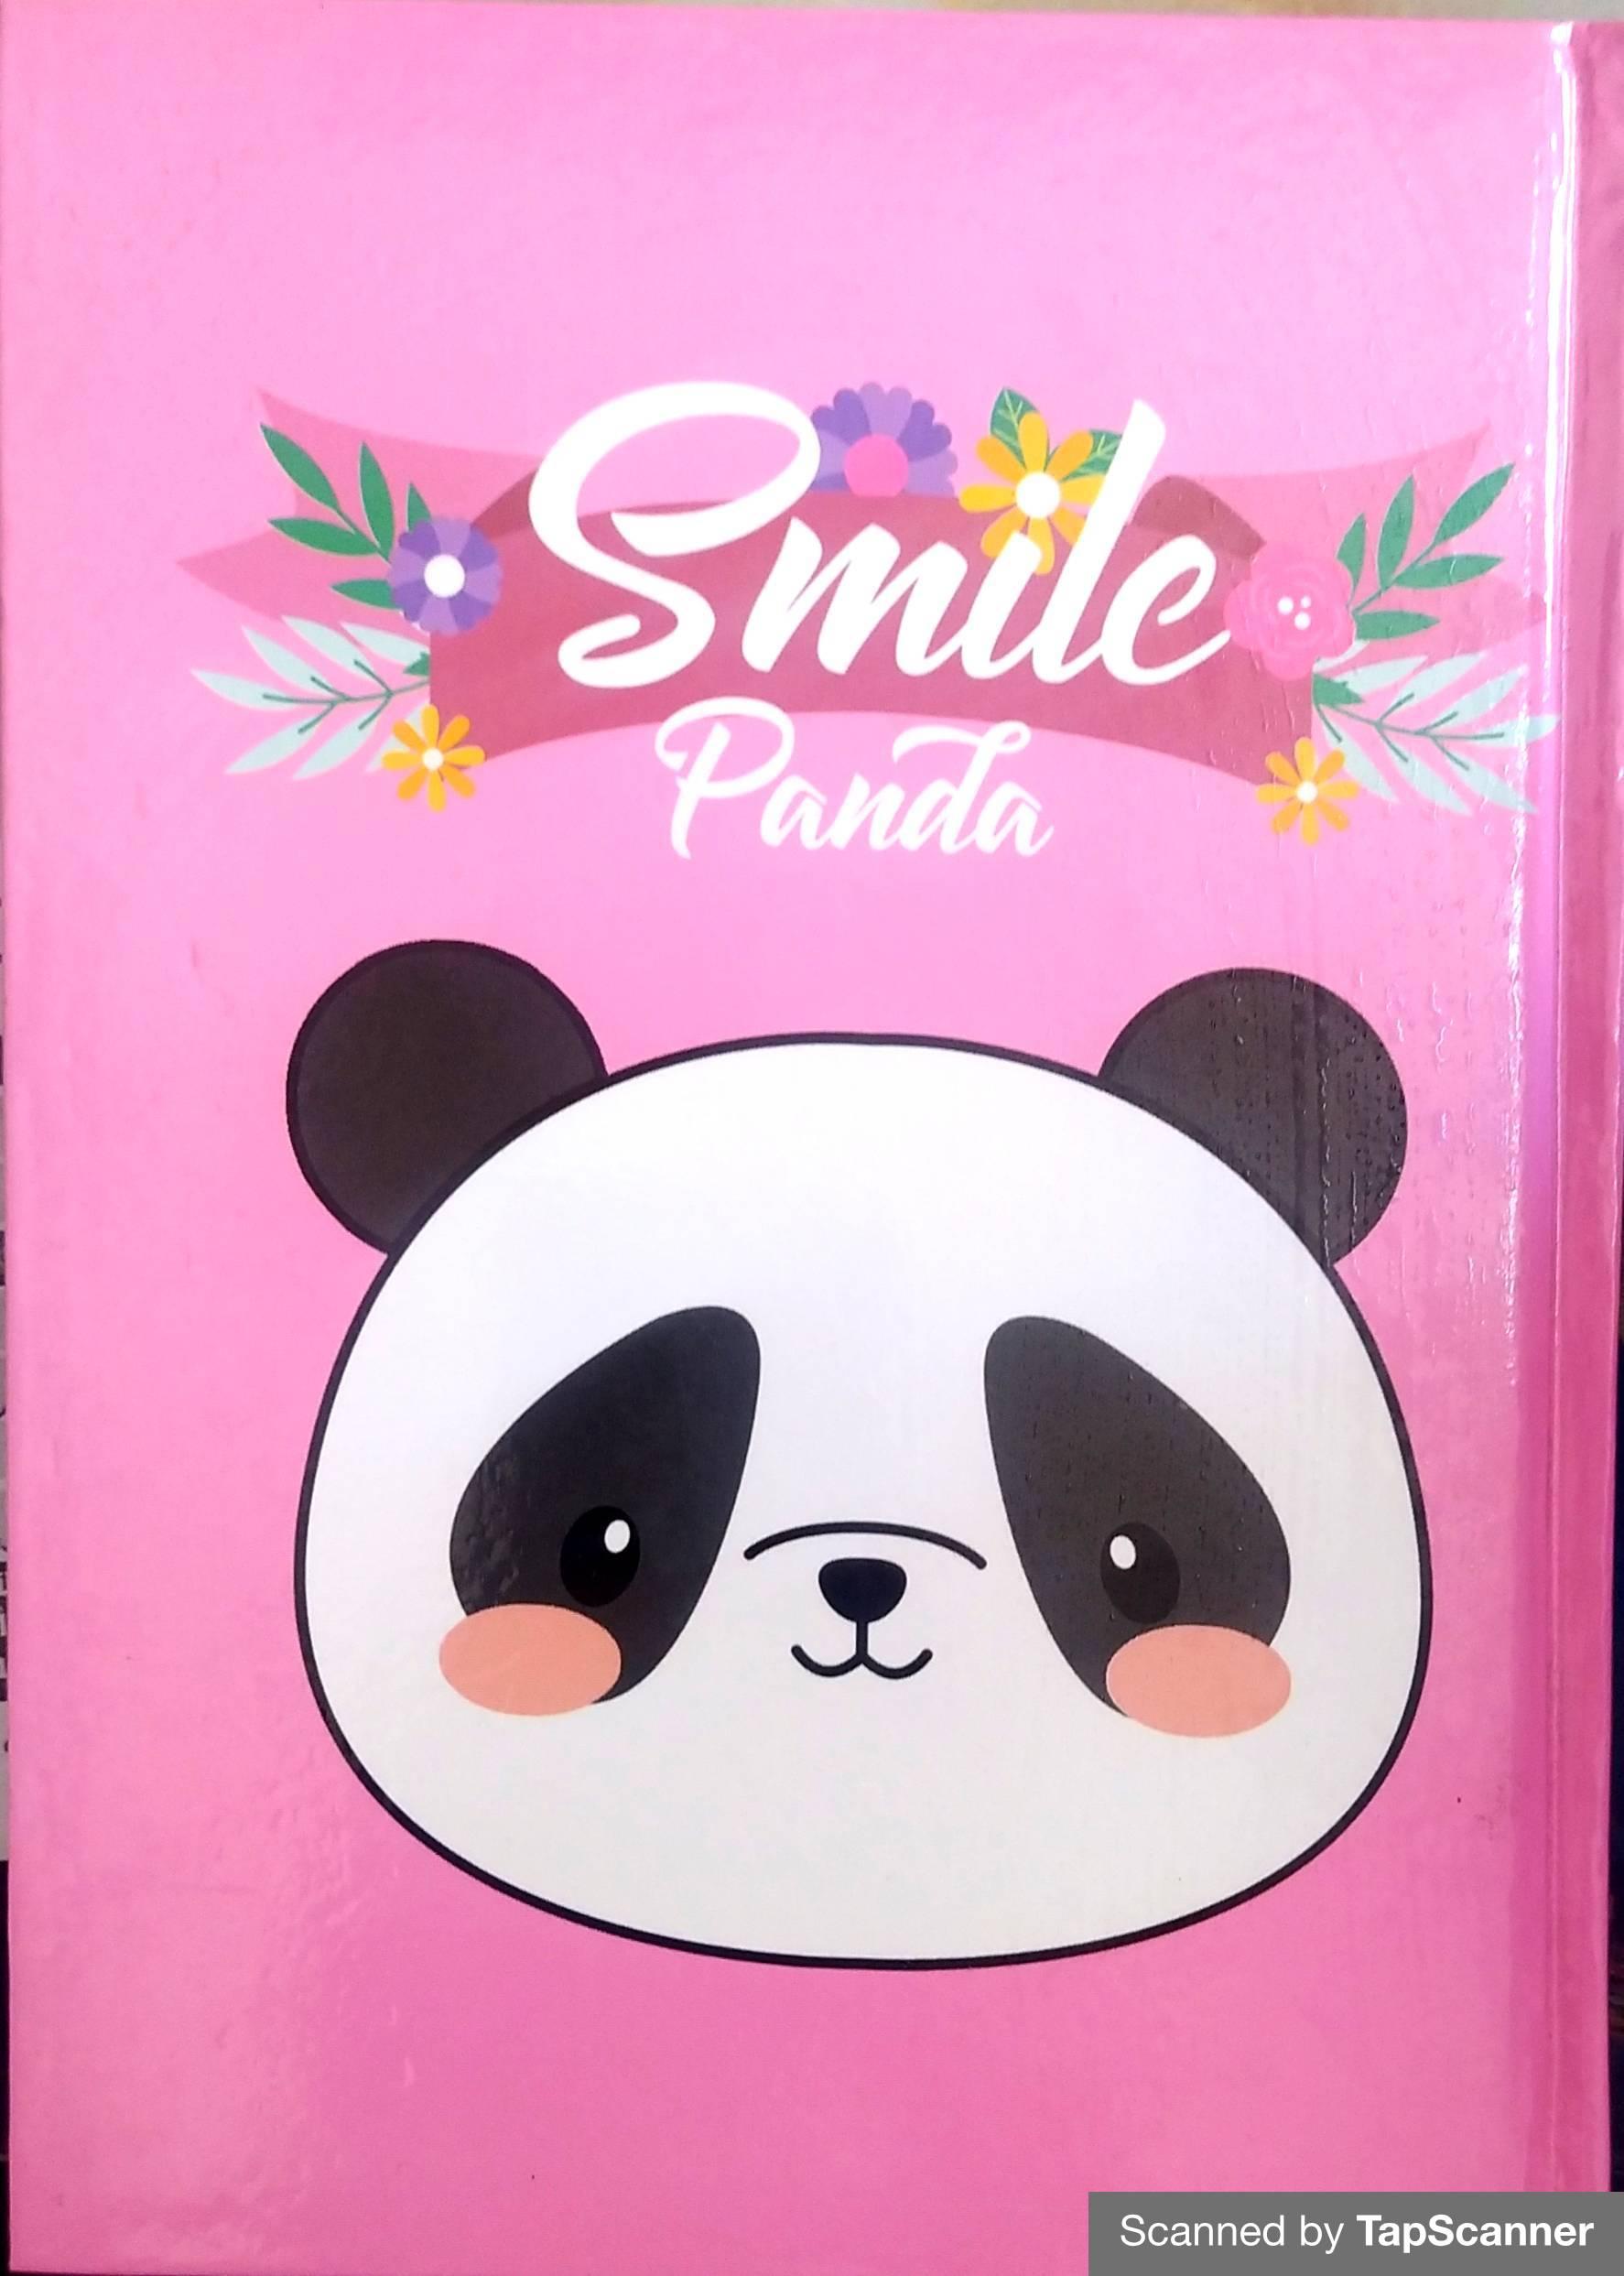 Smile Panda (notebook)